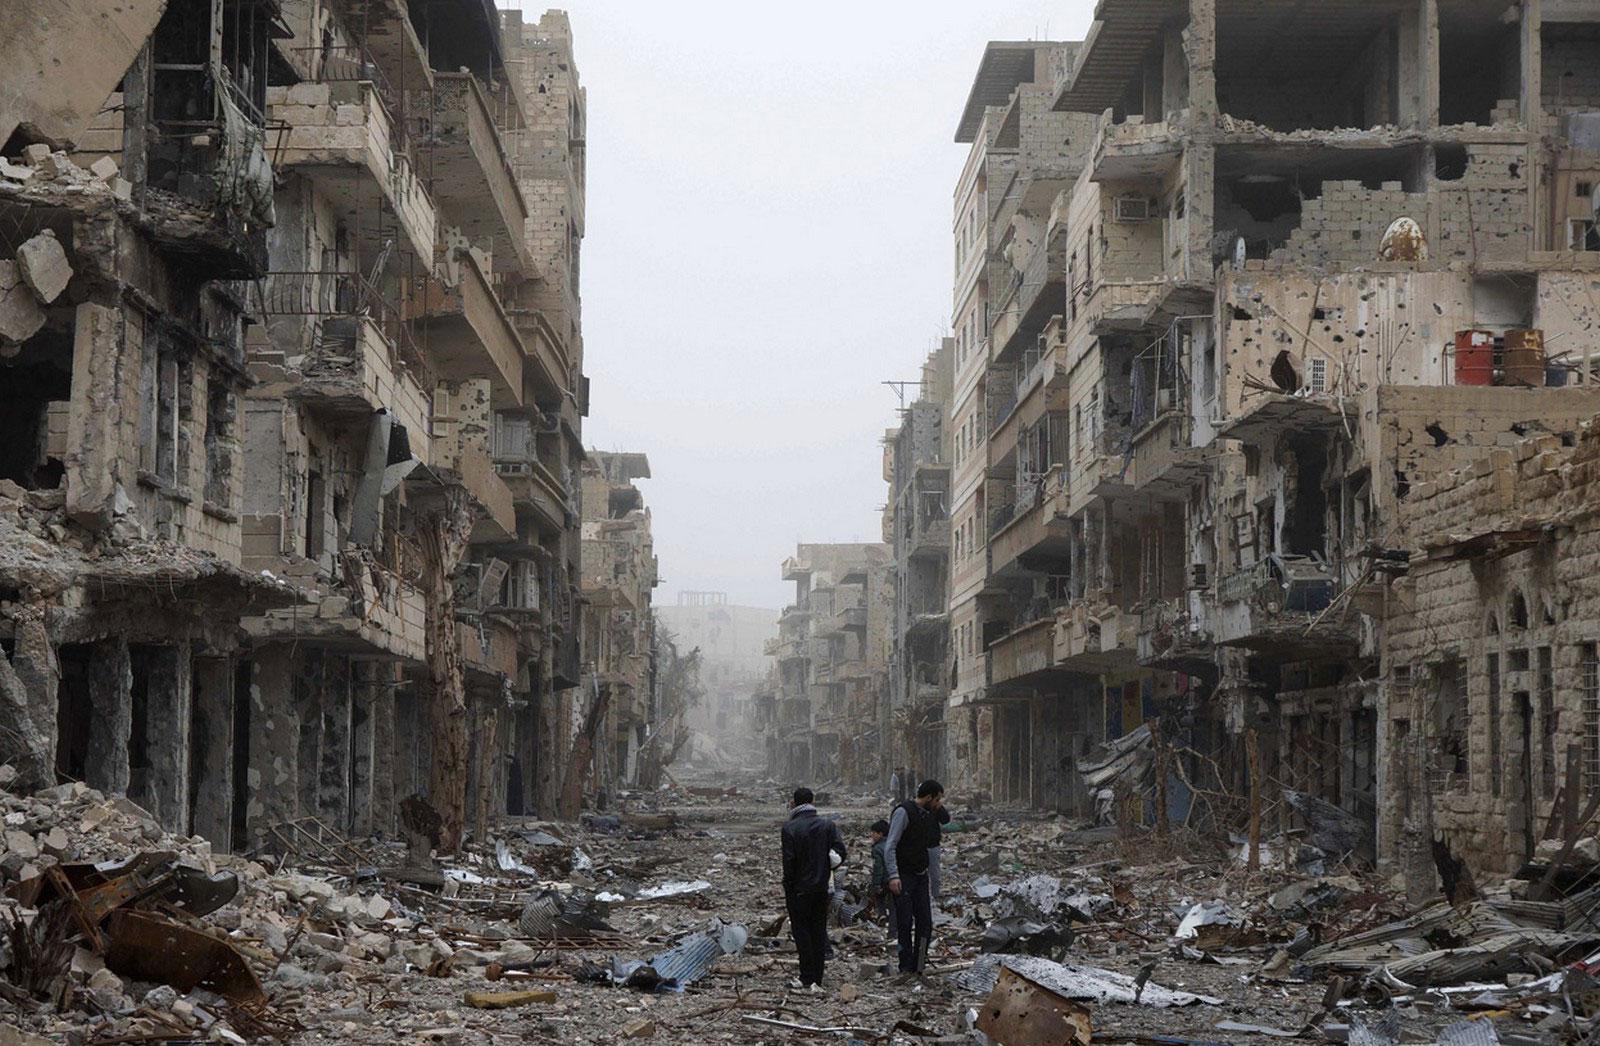 разрушения в ходе войны